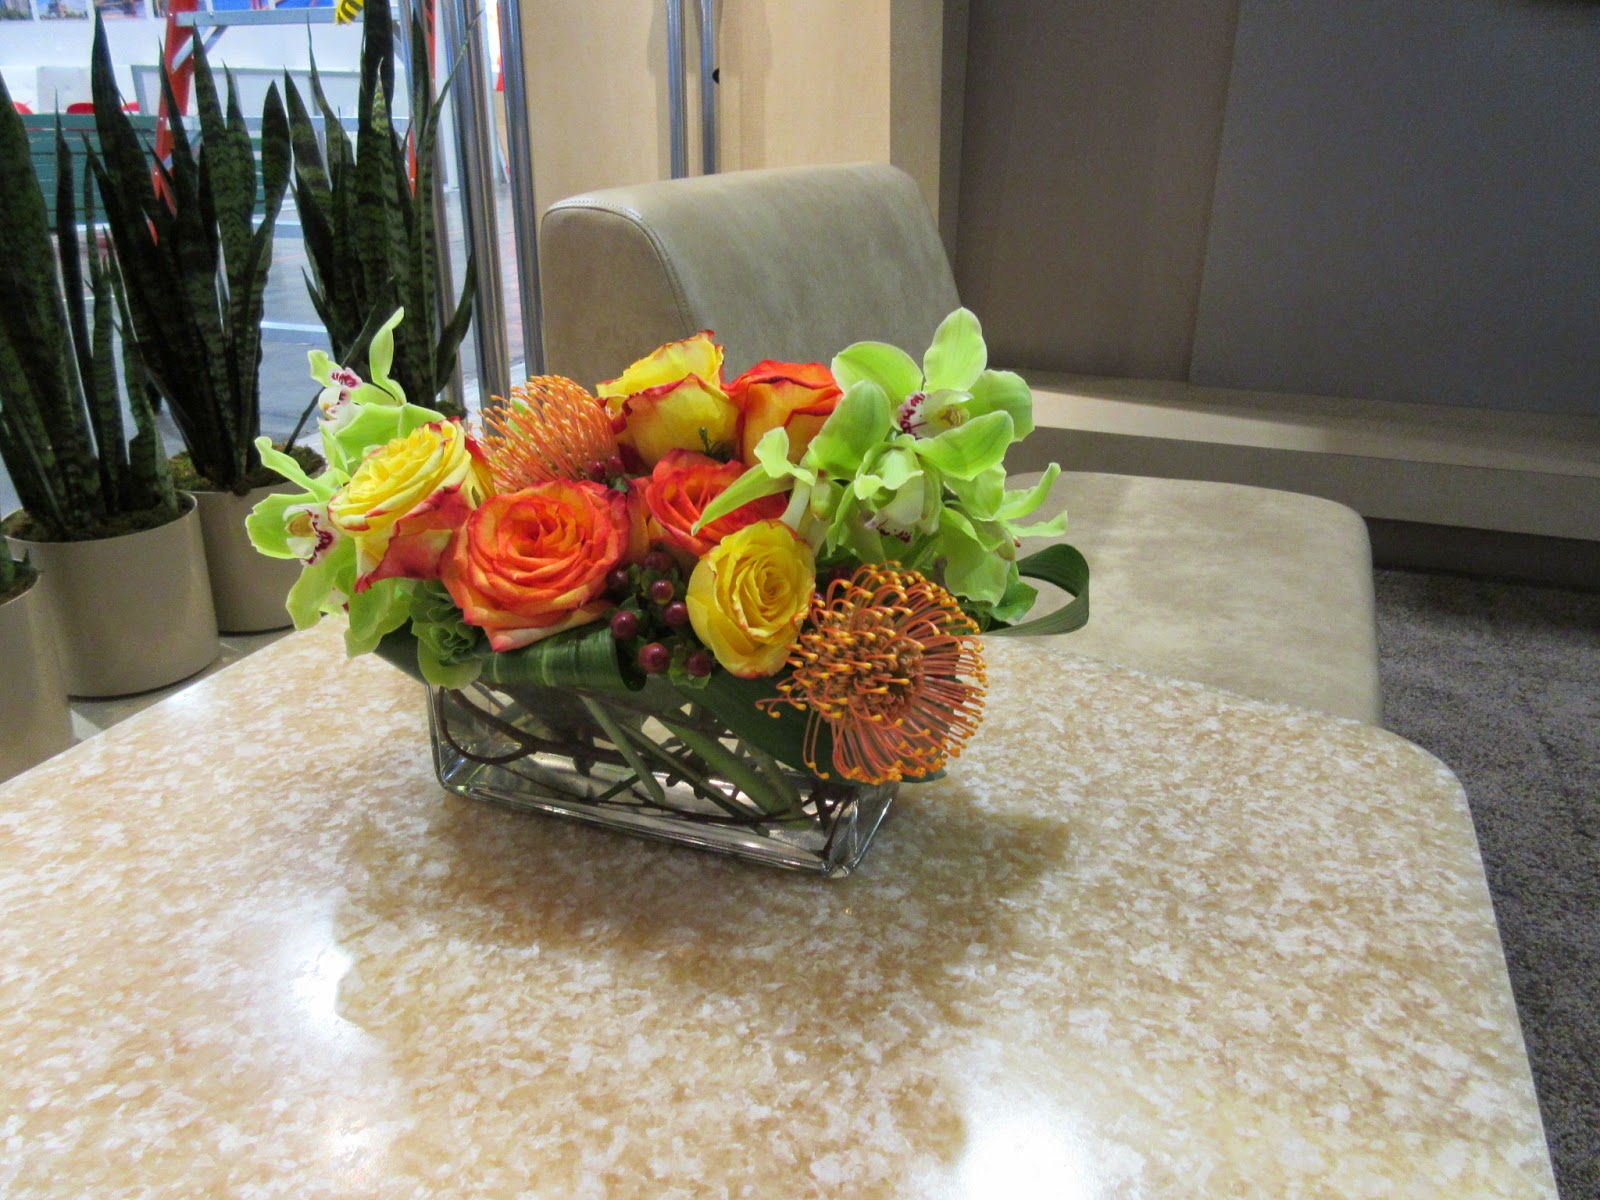 Las Vegas Flowers Premier Event Florists Icsc Recon